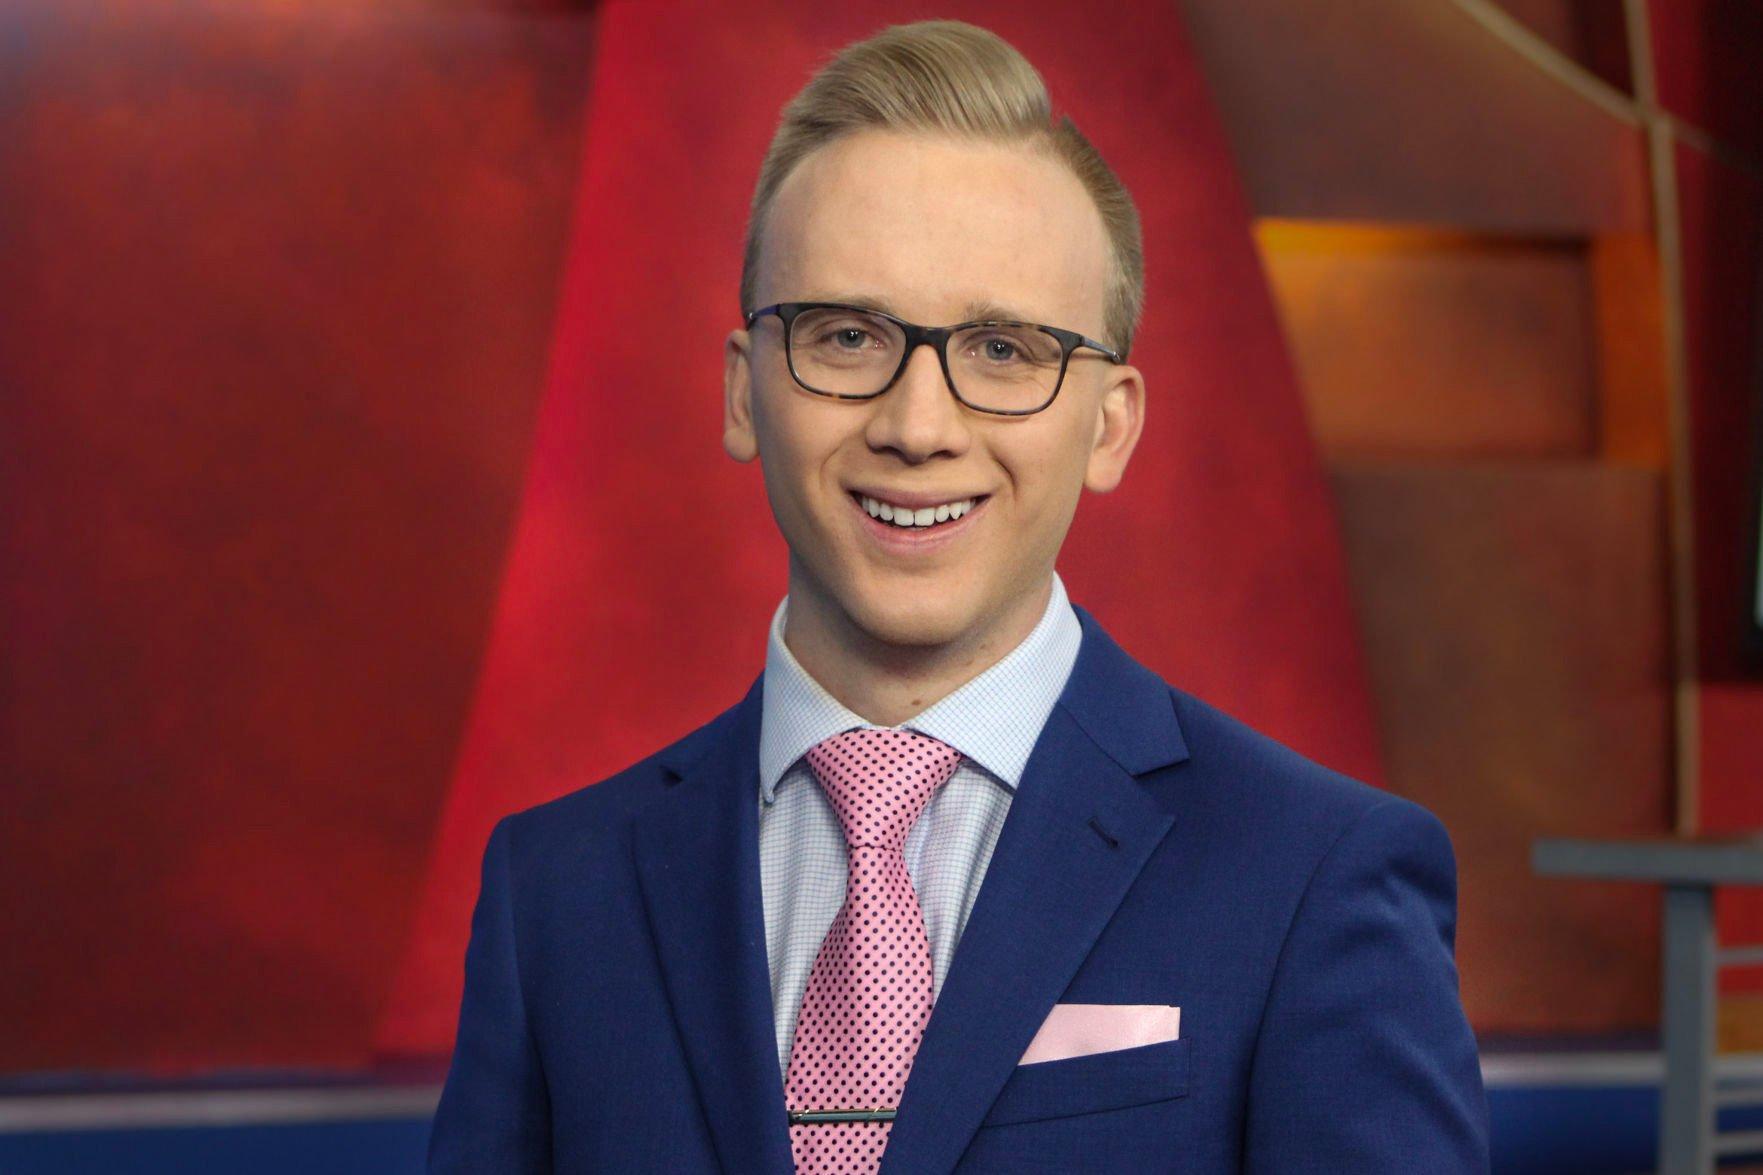 Noah Bergren